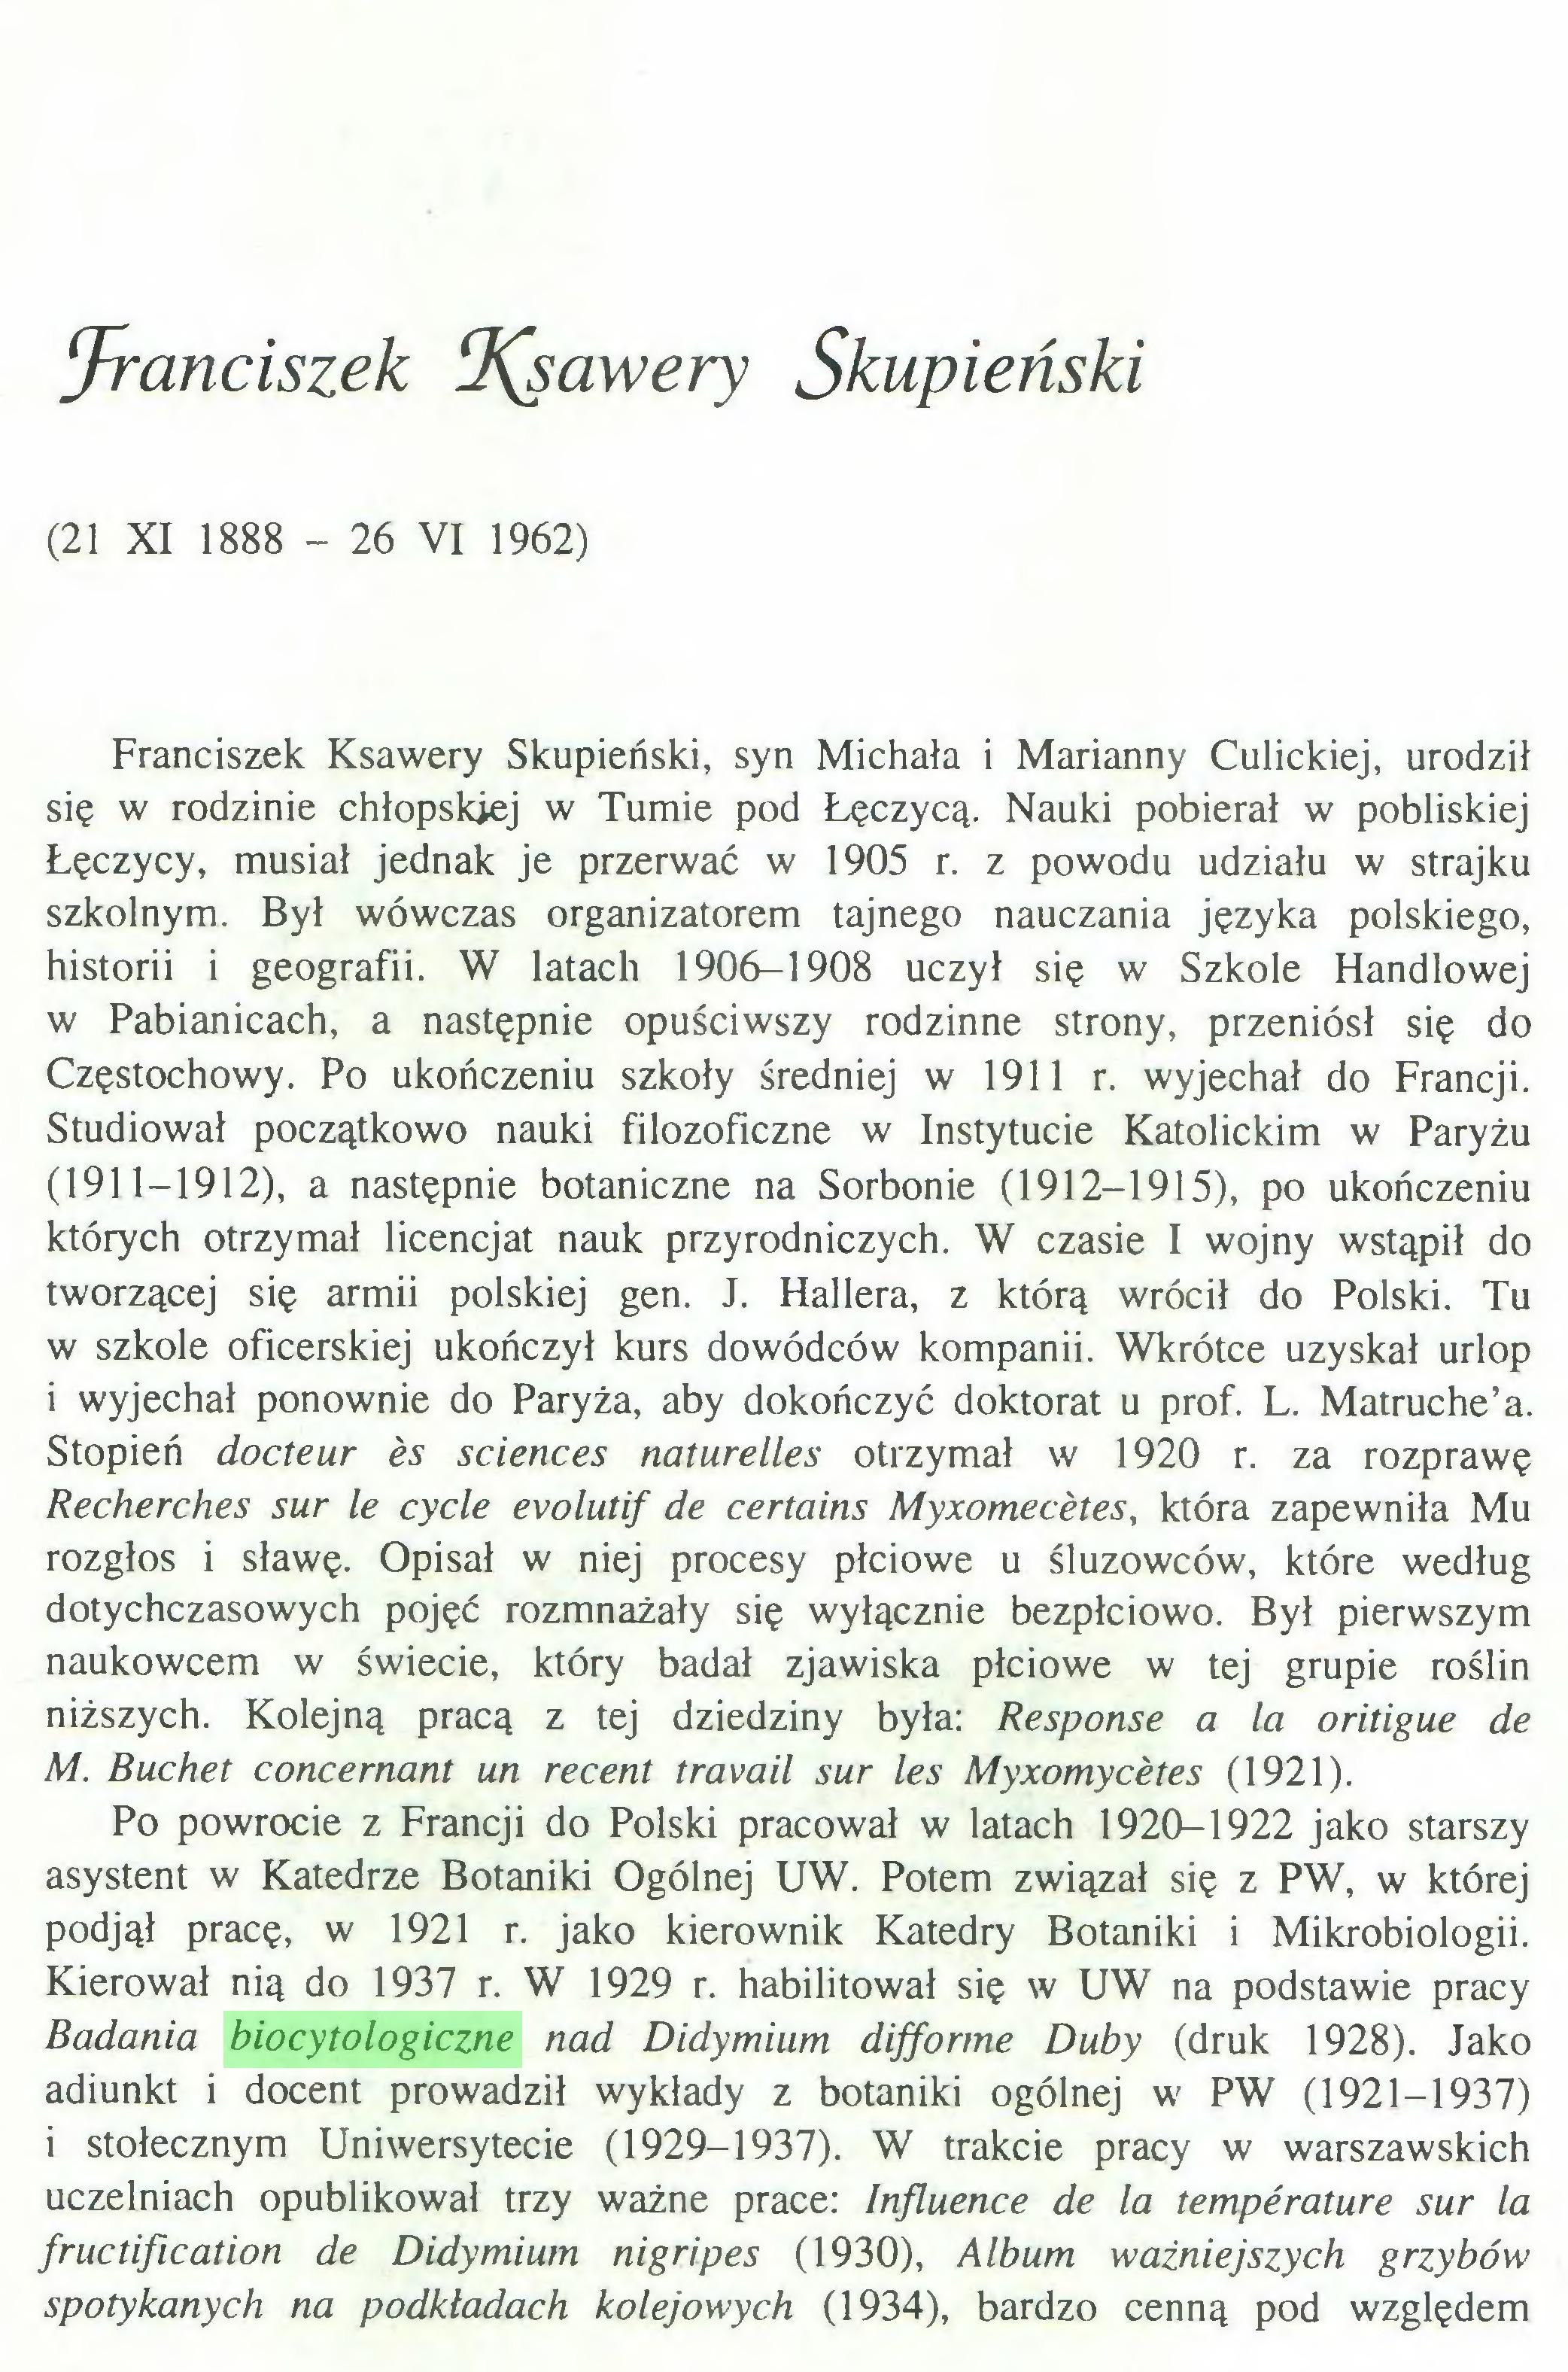 (...) Kierował nią do 1937 r. W 1929 r. habilitował się w UW na podstawie pracy Badania biocytologiczne nad Didymium difforme Duby (druk 1928). Jako adiunkt i docent prowadził wykłady z botaniki ogólnej w PW (1921-1937) i stołecznym Uniwersytecie (1929-1937). W trakcie pracy w warszawskich uczelniach opublikował trzy ważne prace: Influence de la température sur la fructification de Didymium nigripes (1930), Album ważniejszych grzybów spotykanych na podkładach kolejowych (1934), bardzo cenną pod względem 187...